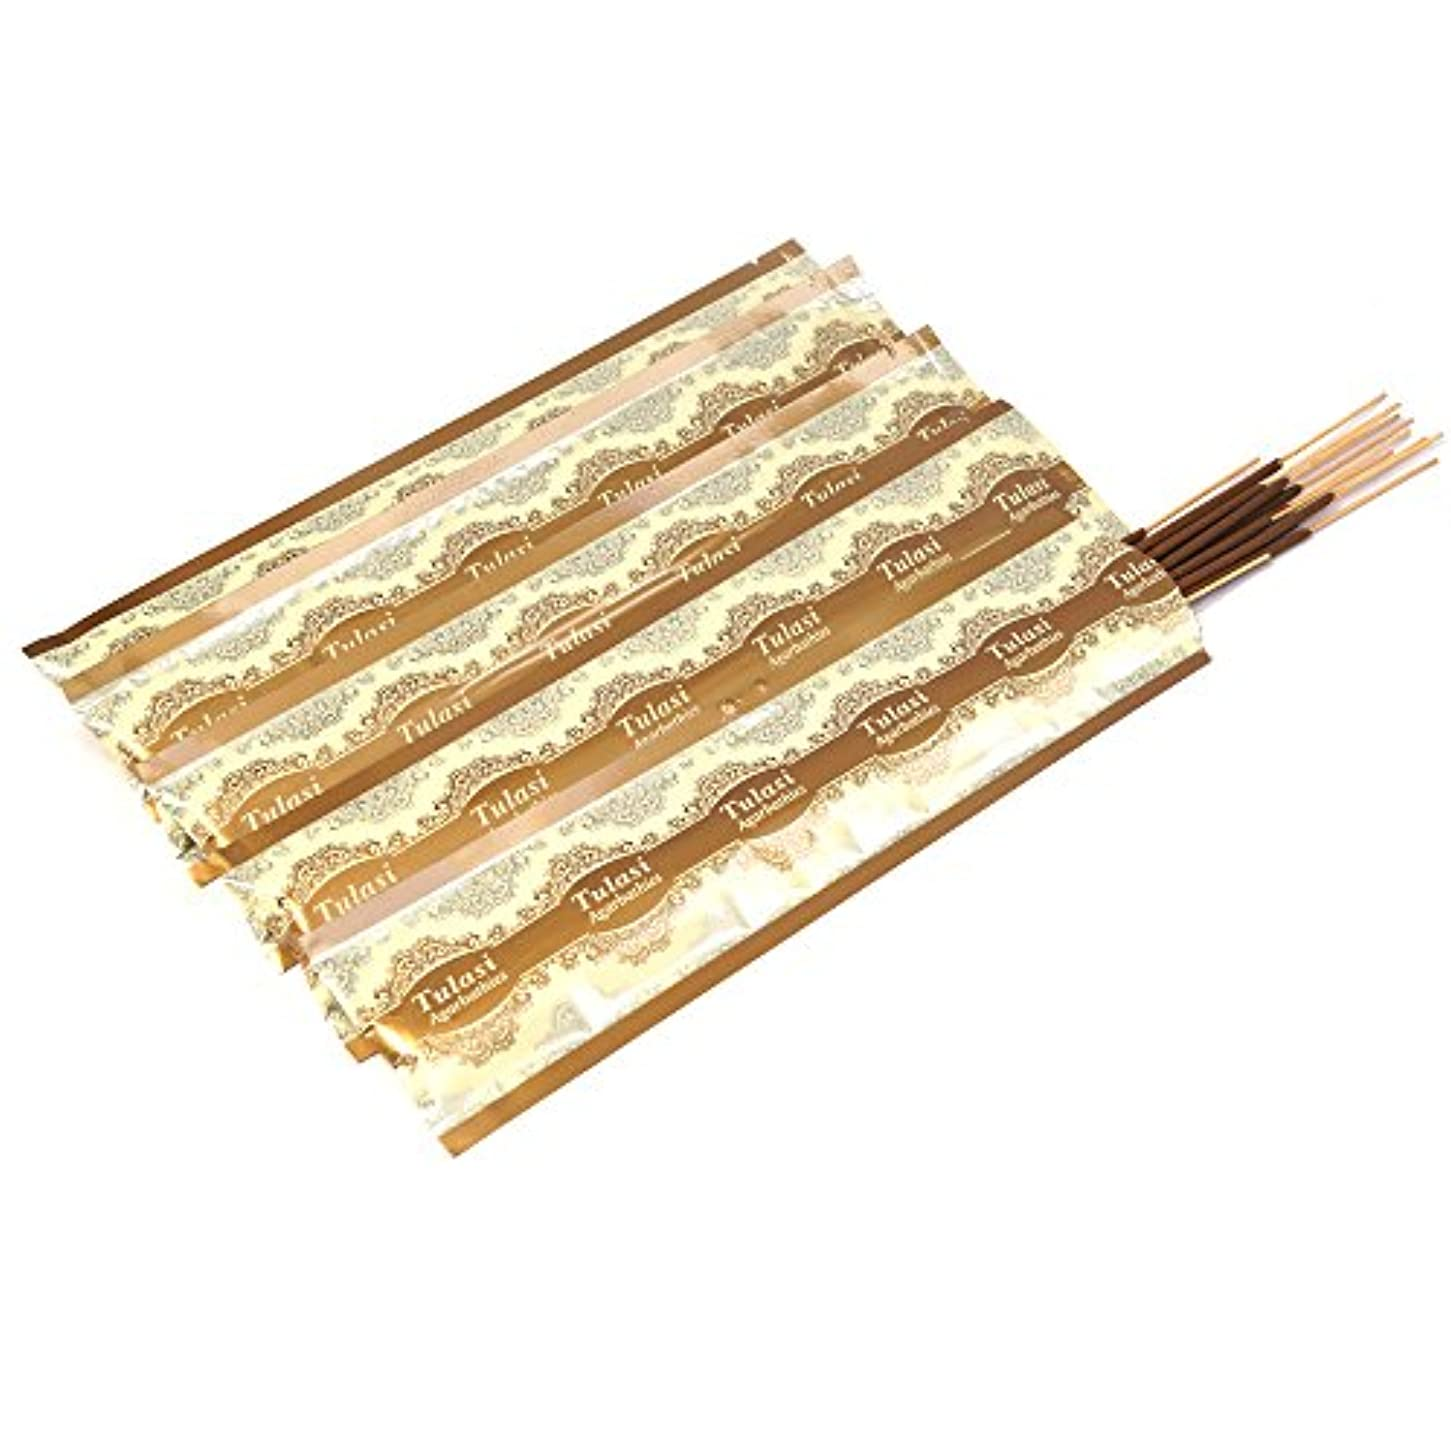 気をつけて注目すべき慣れるFree Nag Champa variety Gift Pack in Herbal TreatジャンボAgarbatti | Incense Sticks Set of 15 Fragrances by Ikshvaku